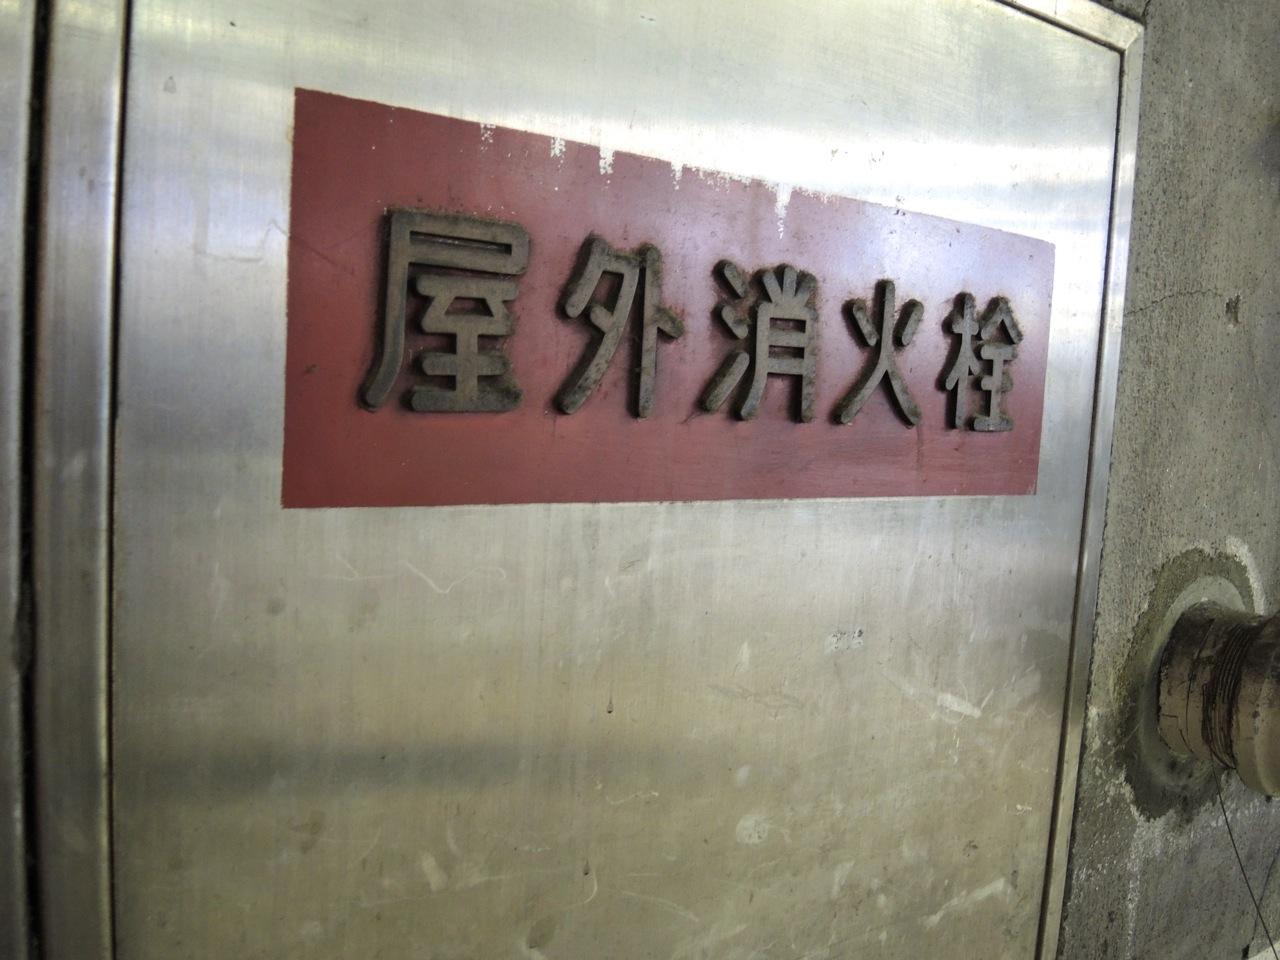 日本は丸ゴシックの宝庫・看板屋さん実演_e0175918_4401988.jpg